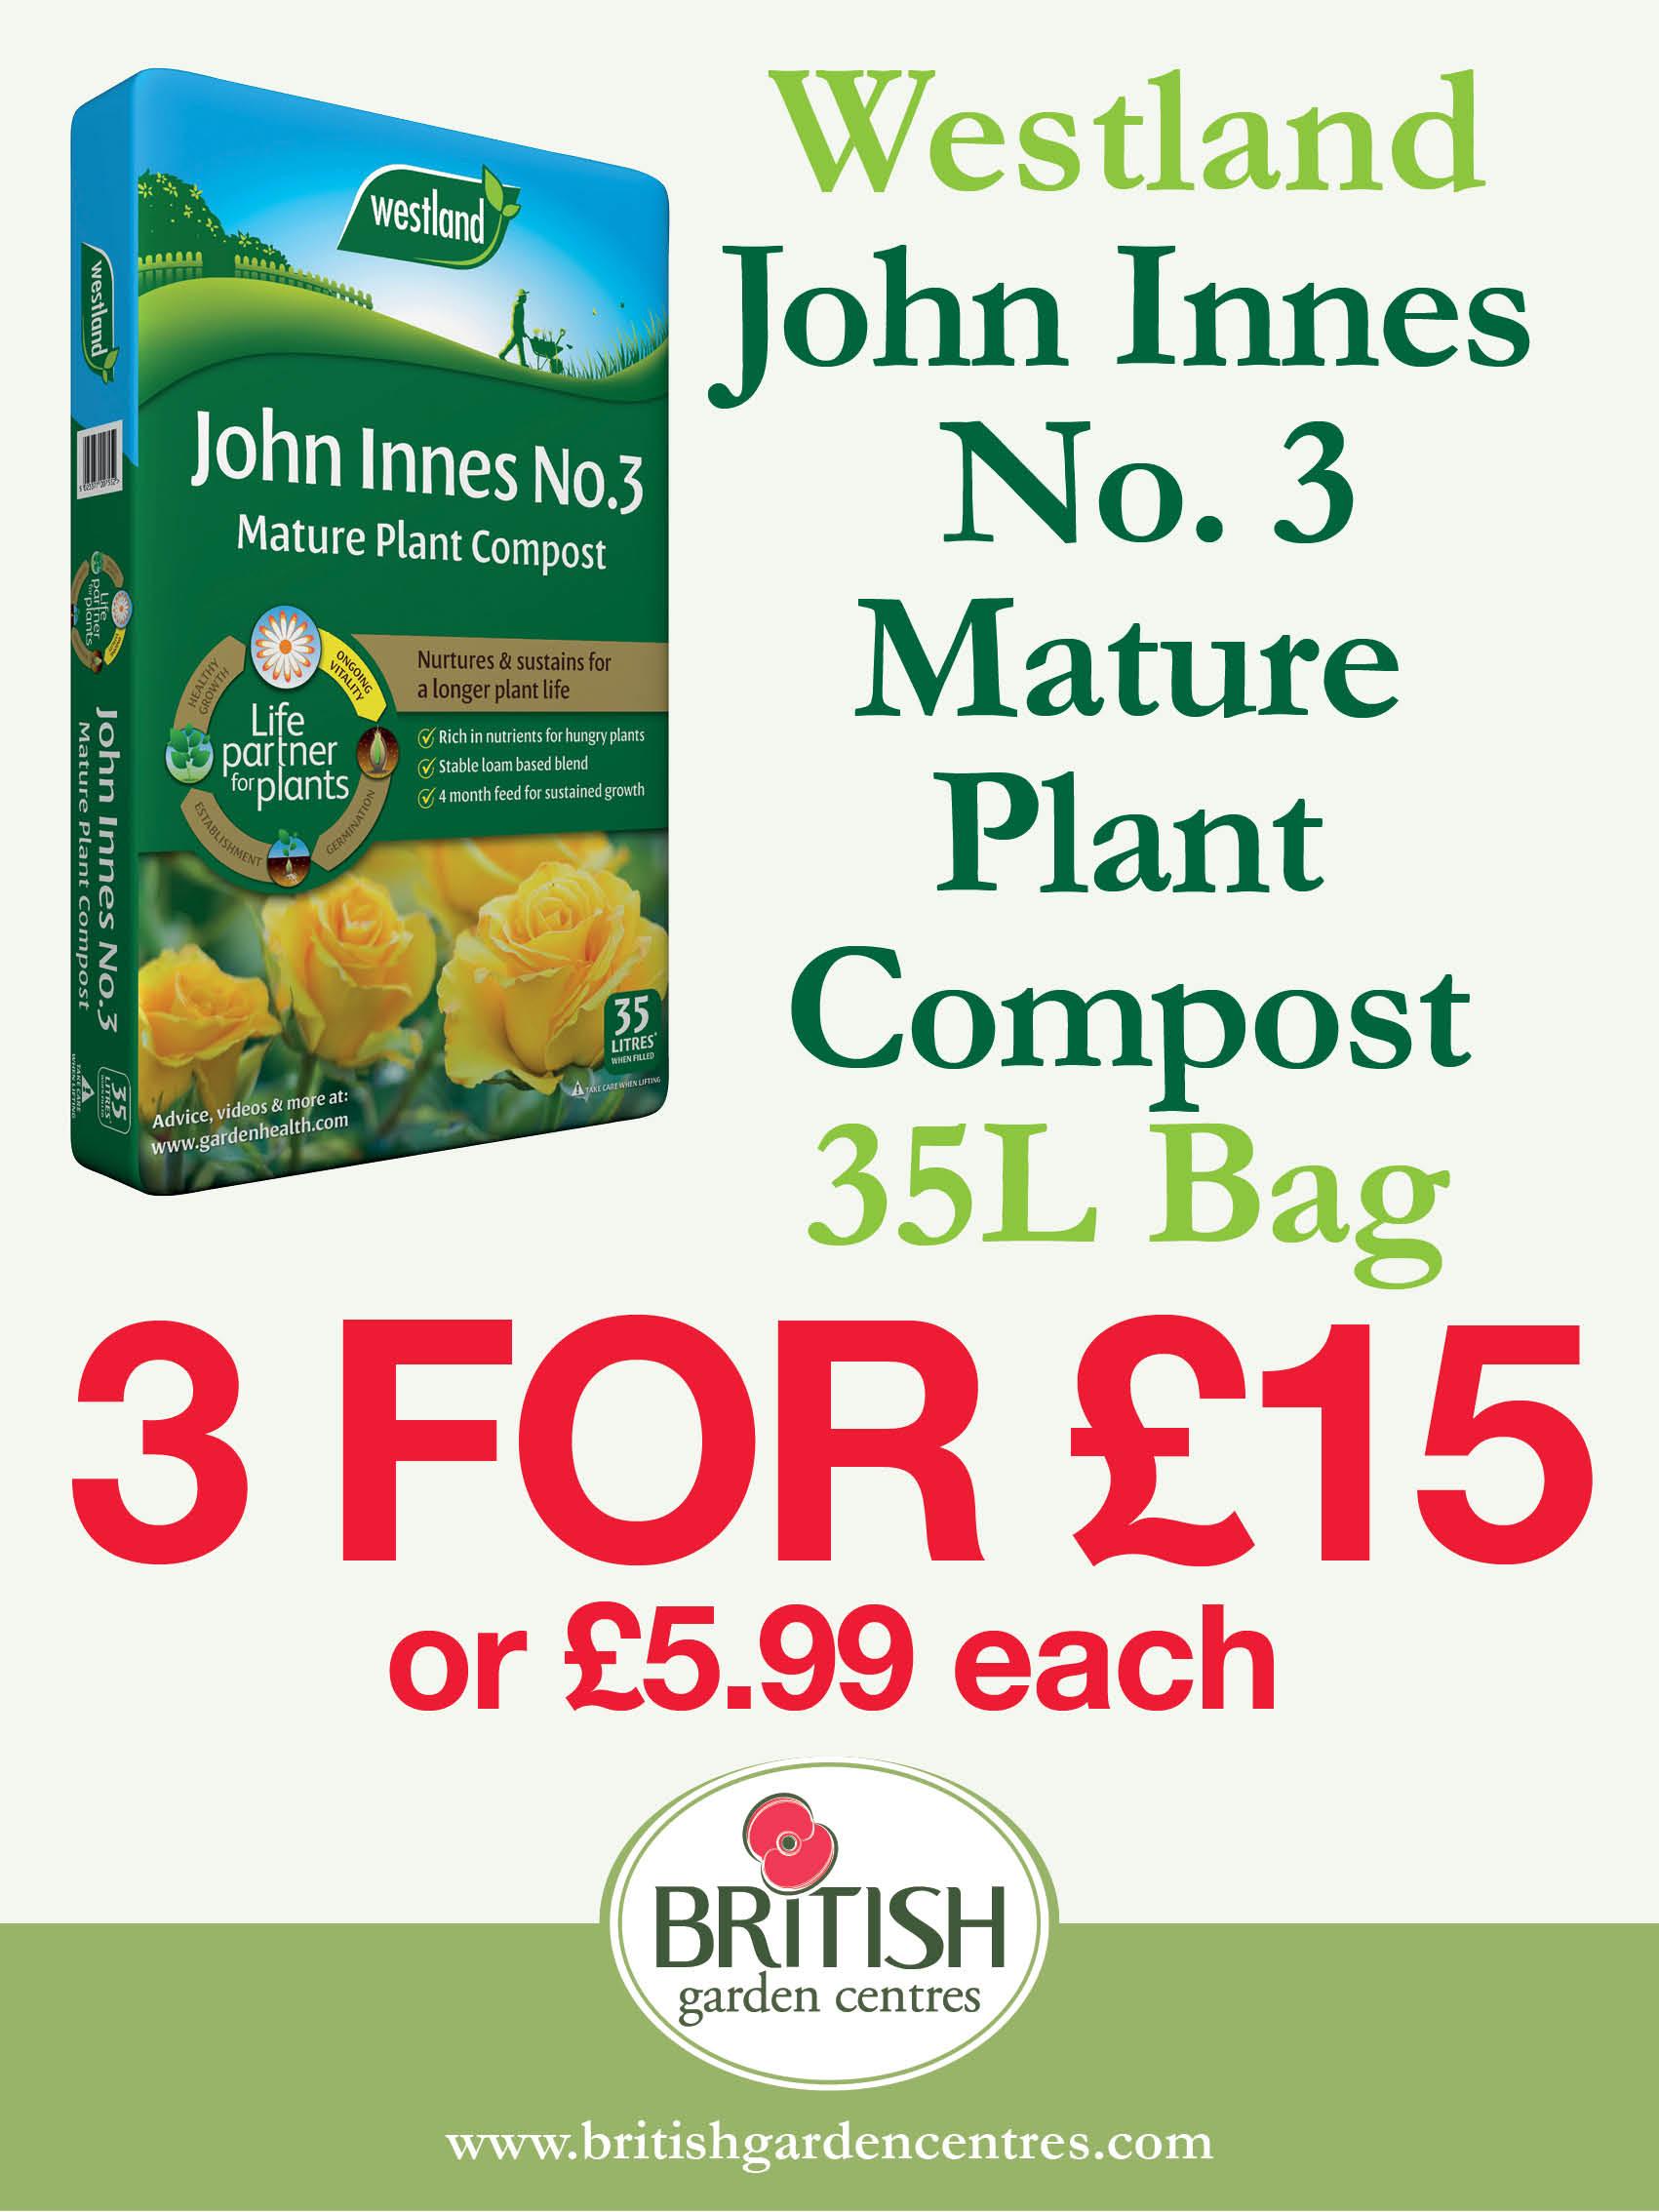 John Innes No.3 Mature Plant Compost 35L